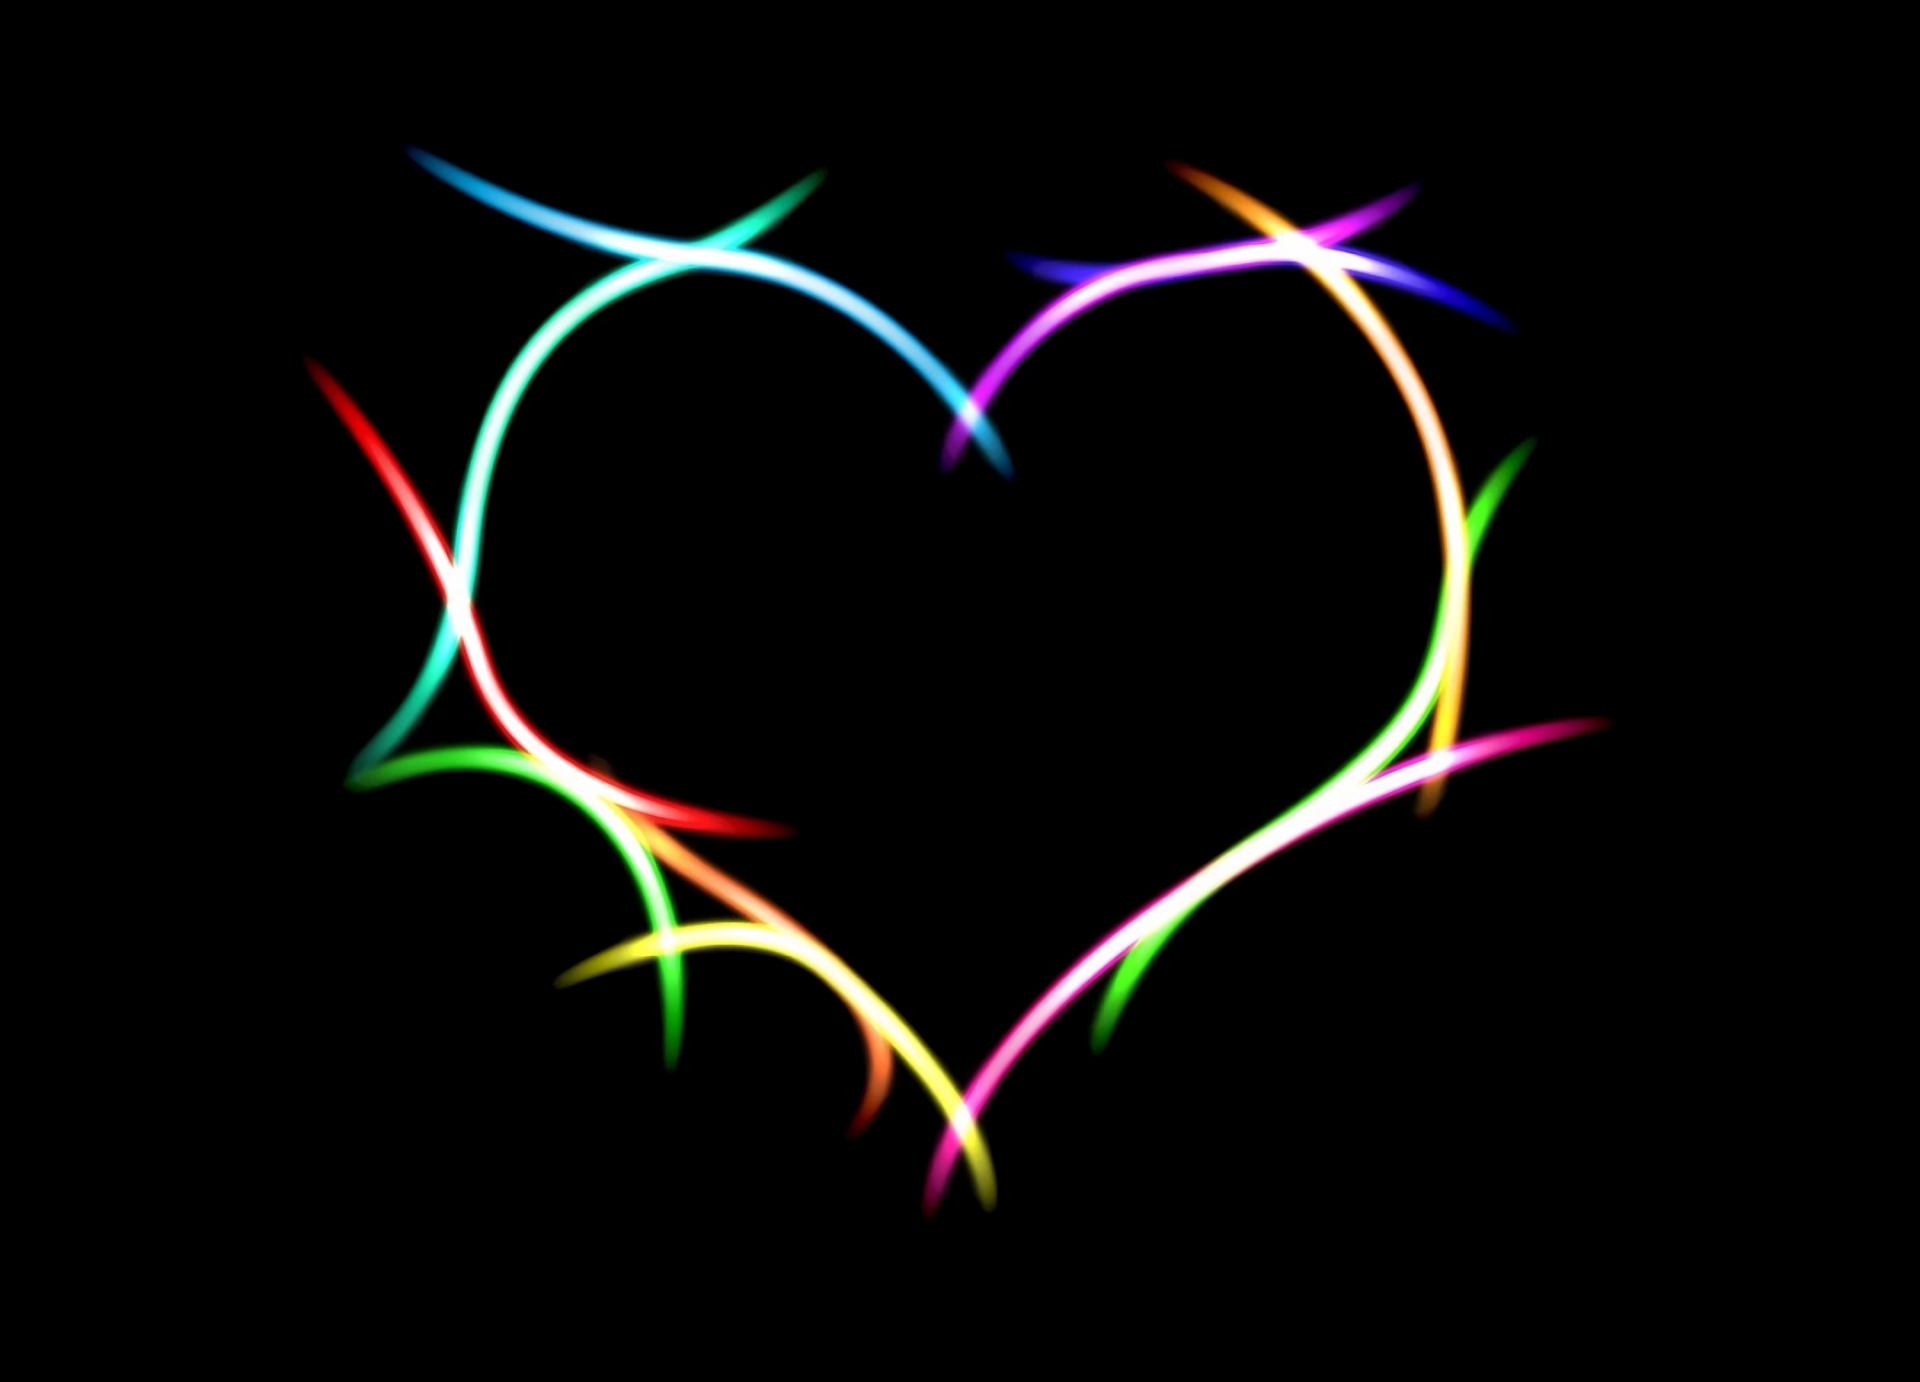 艺术 - 爱  艺术 心形 Neon 光 Digital 数字艺术 壁纸